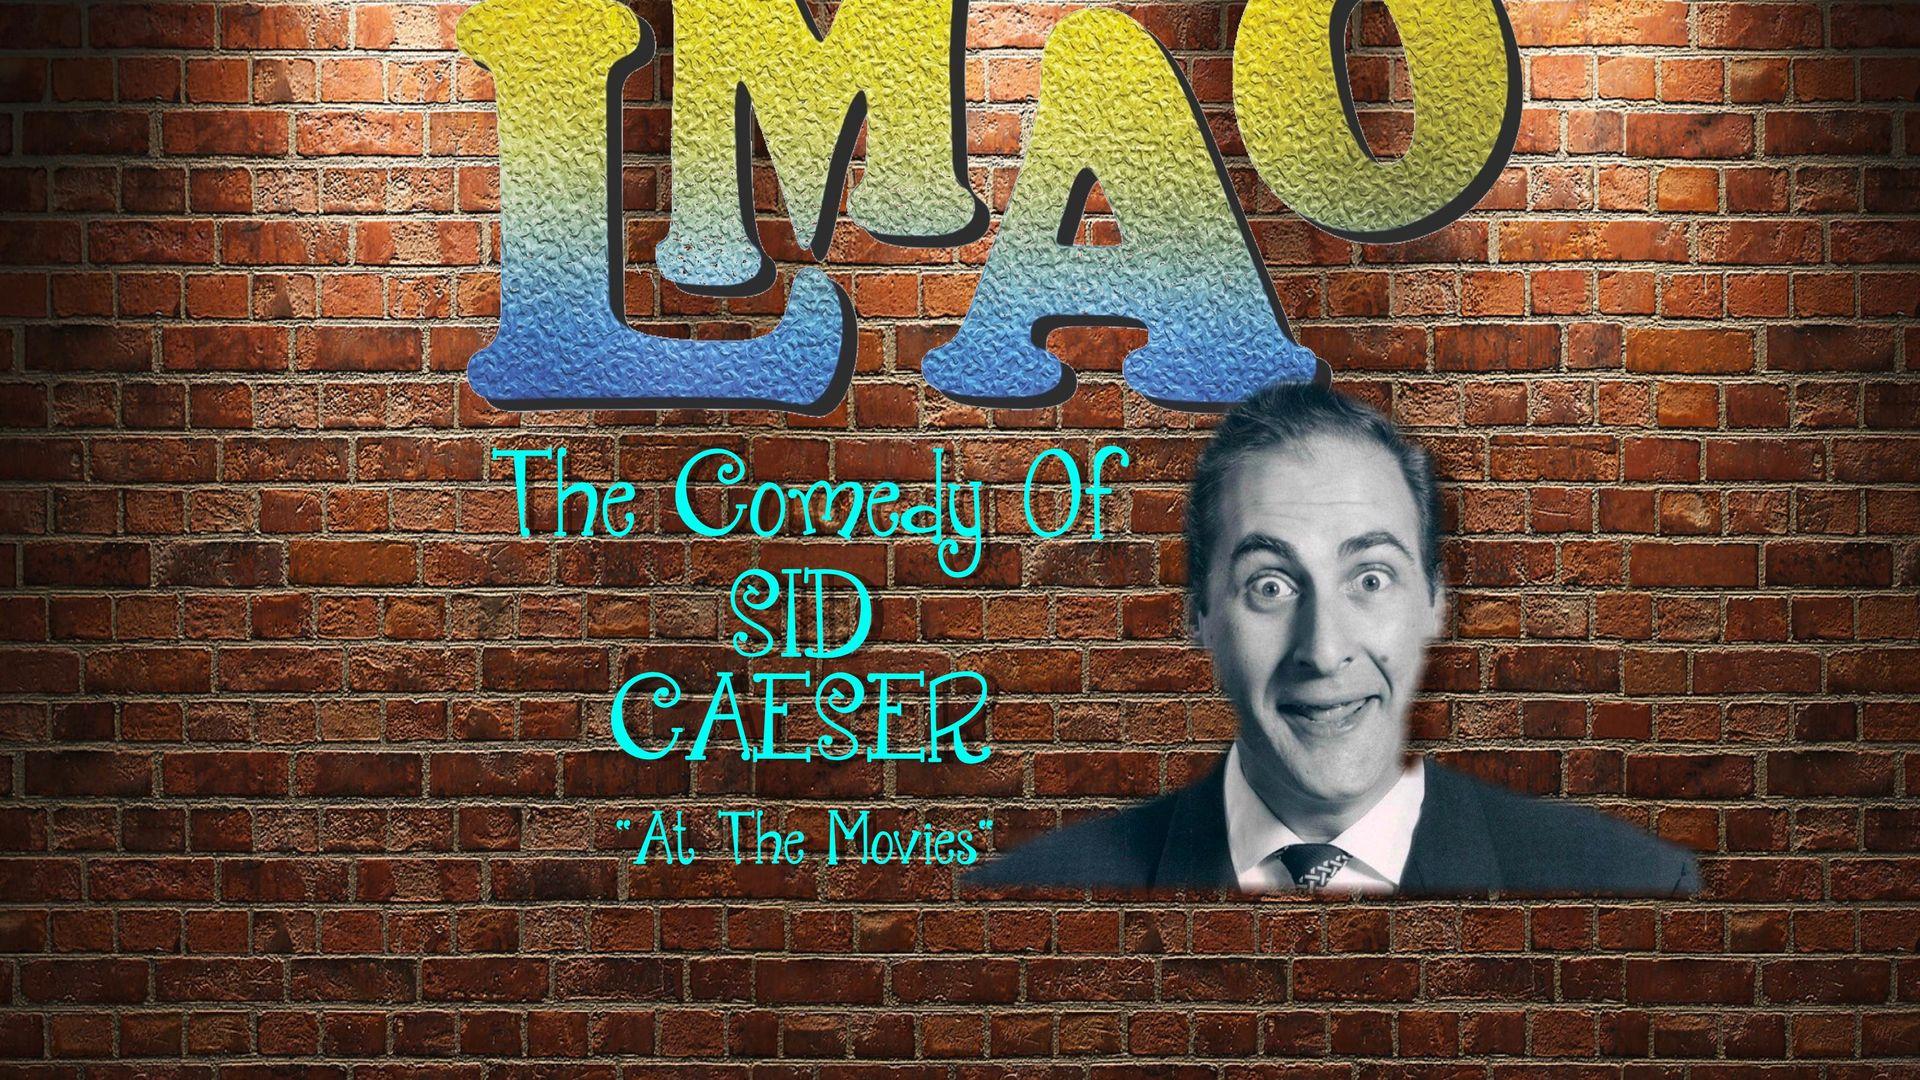 LMAO - Classic Comedy